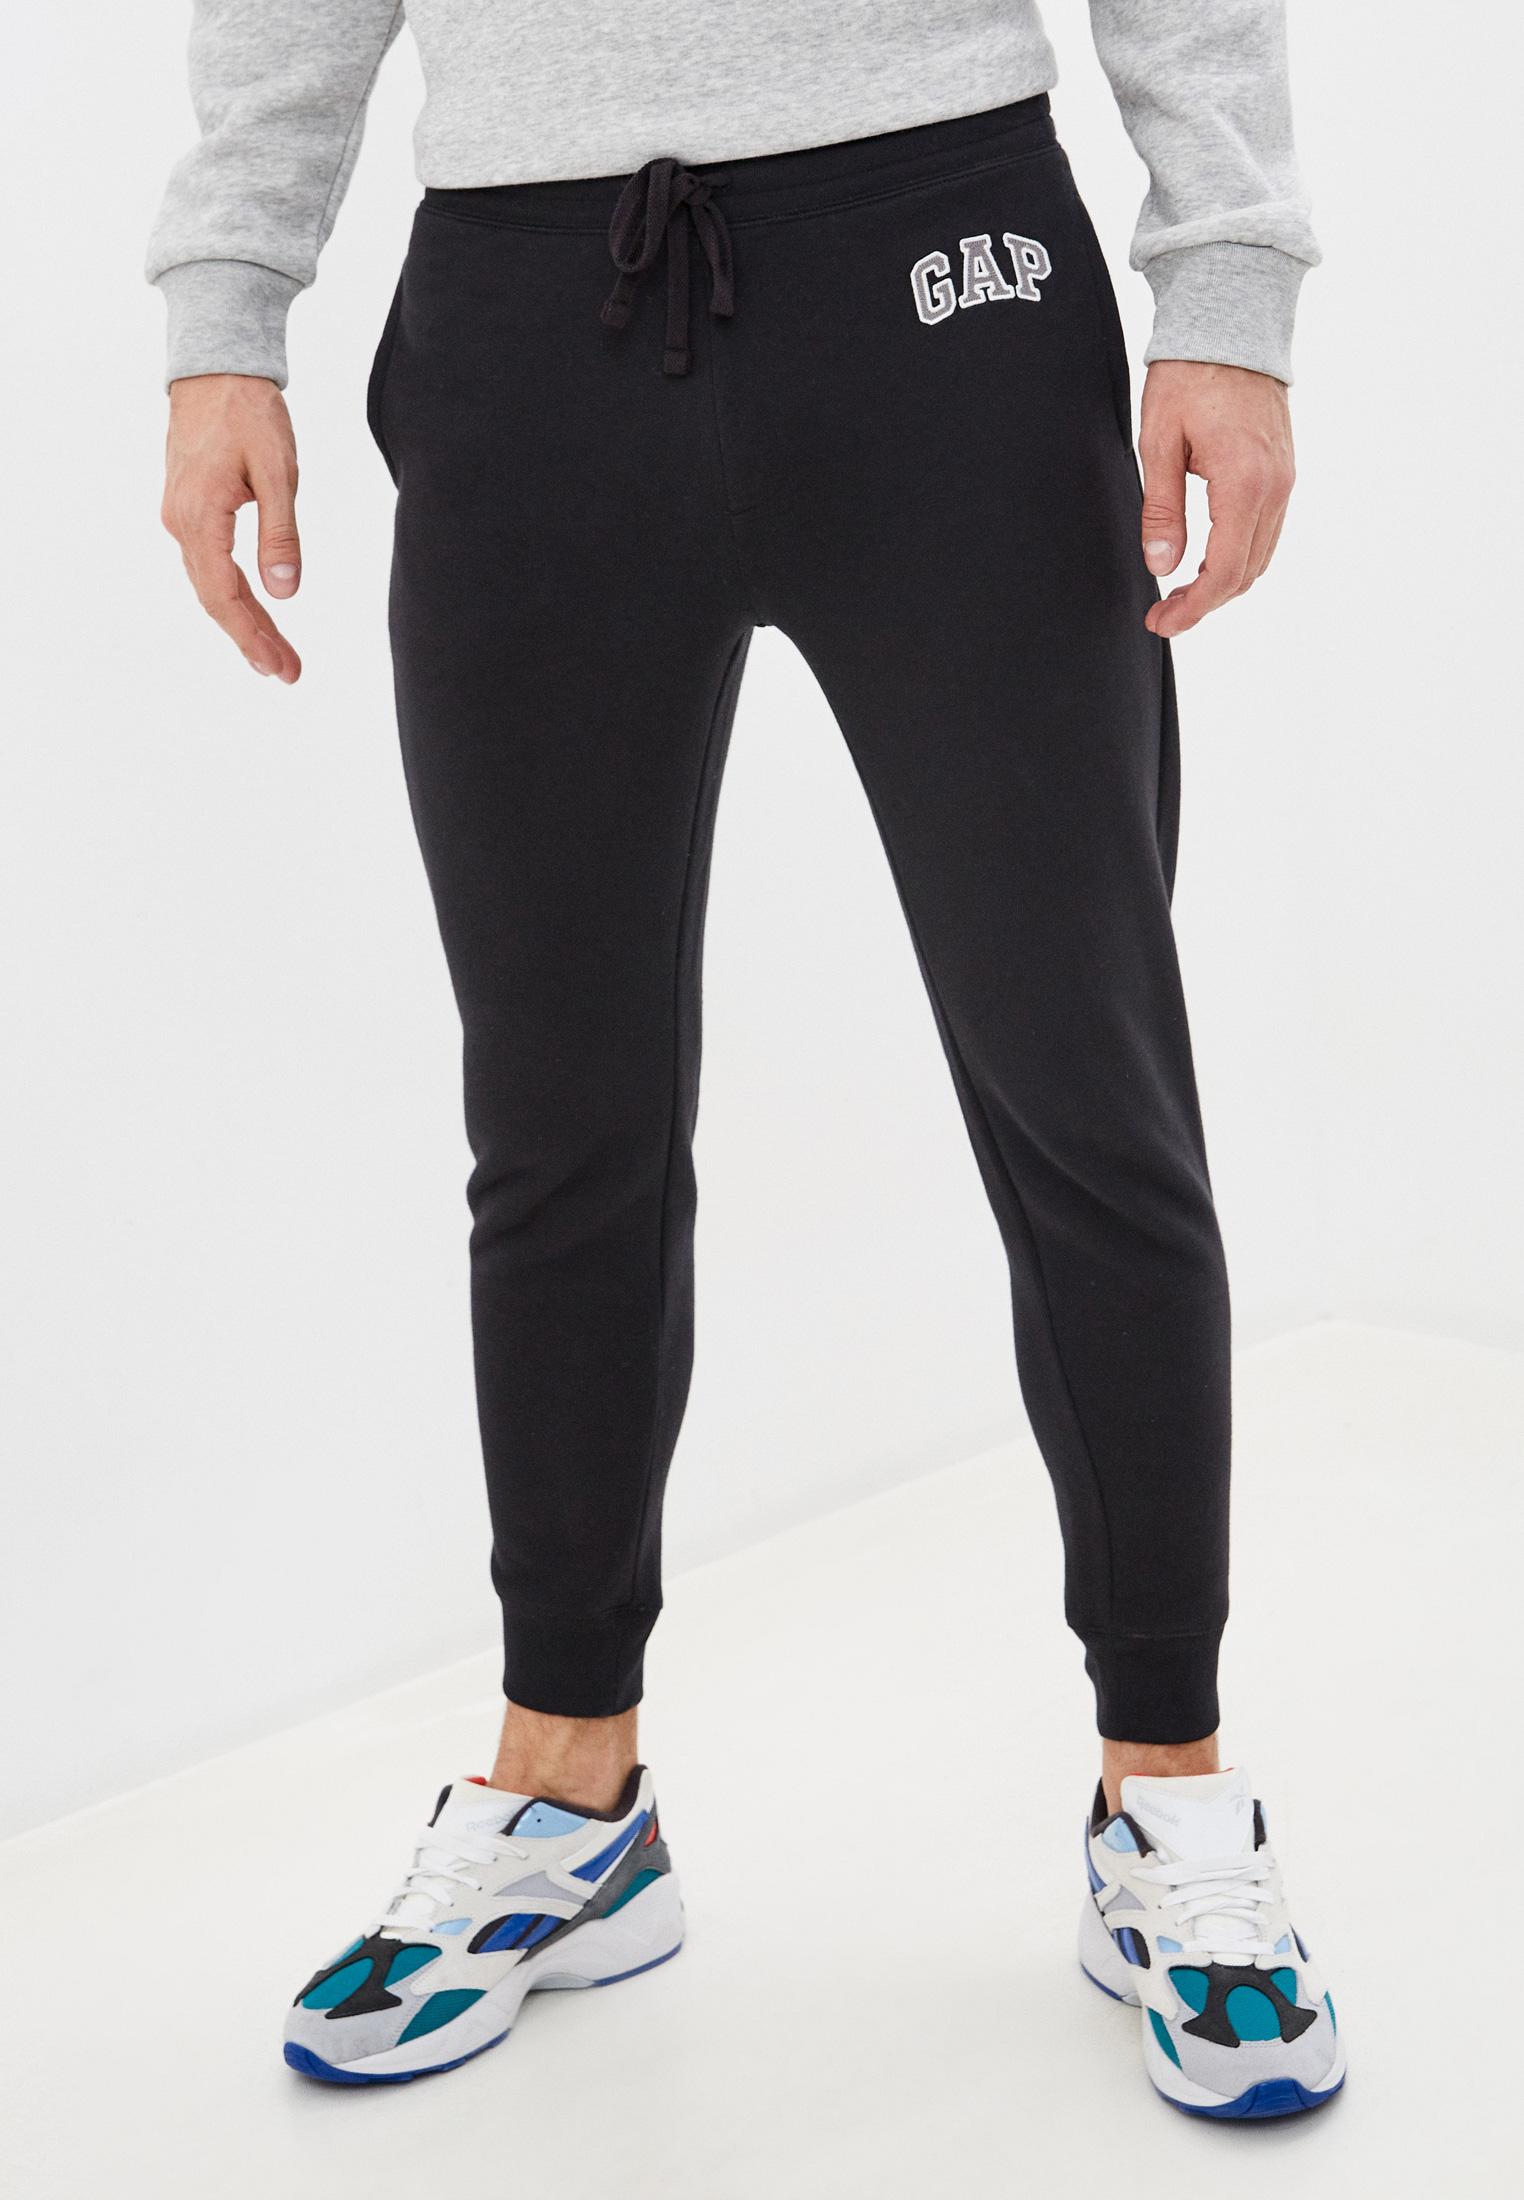 Мужские спортивные брюки Gap 500382